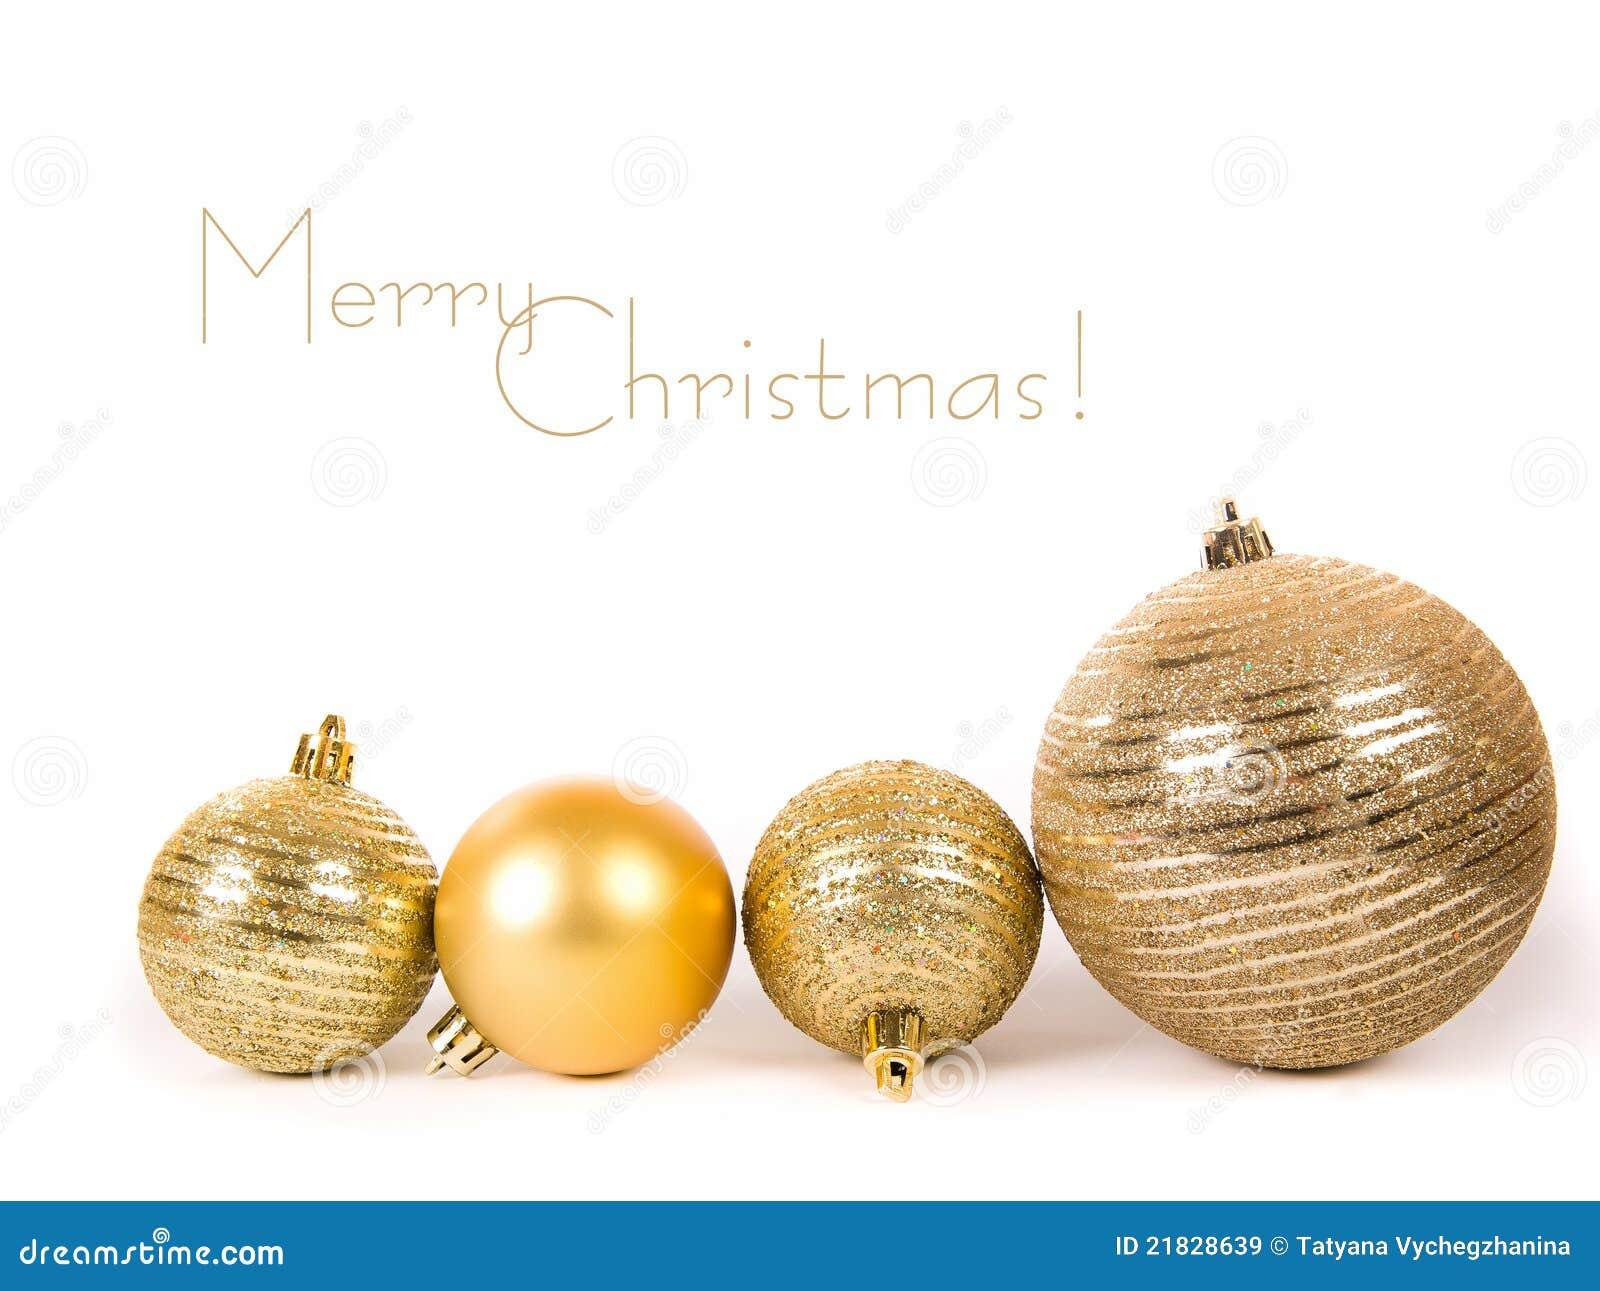 goldene weihnachtskugeln stockbild bild von platz marry 21828639. Black Bedroom Furniture Sets. Home Design Ideas